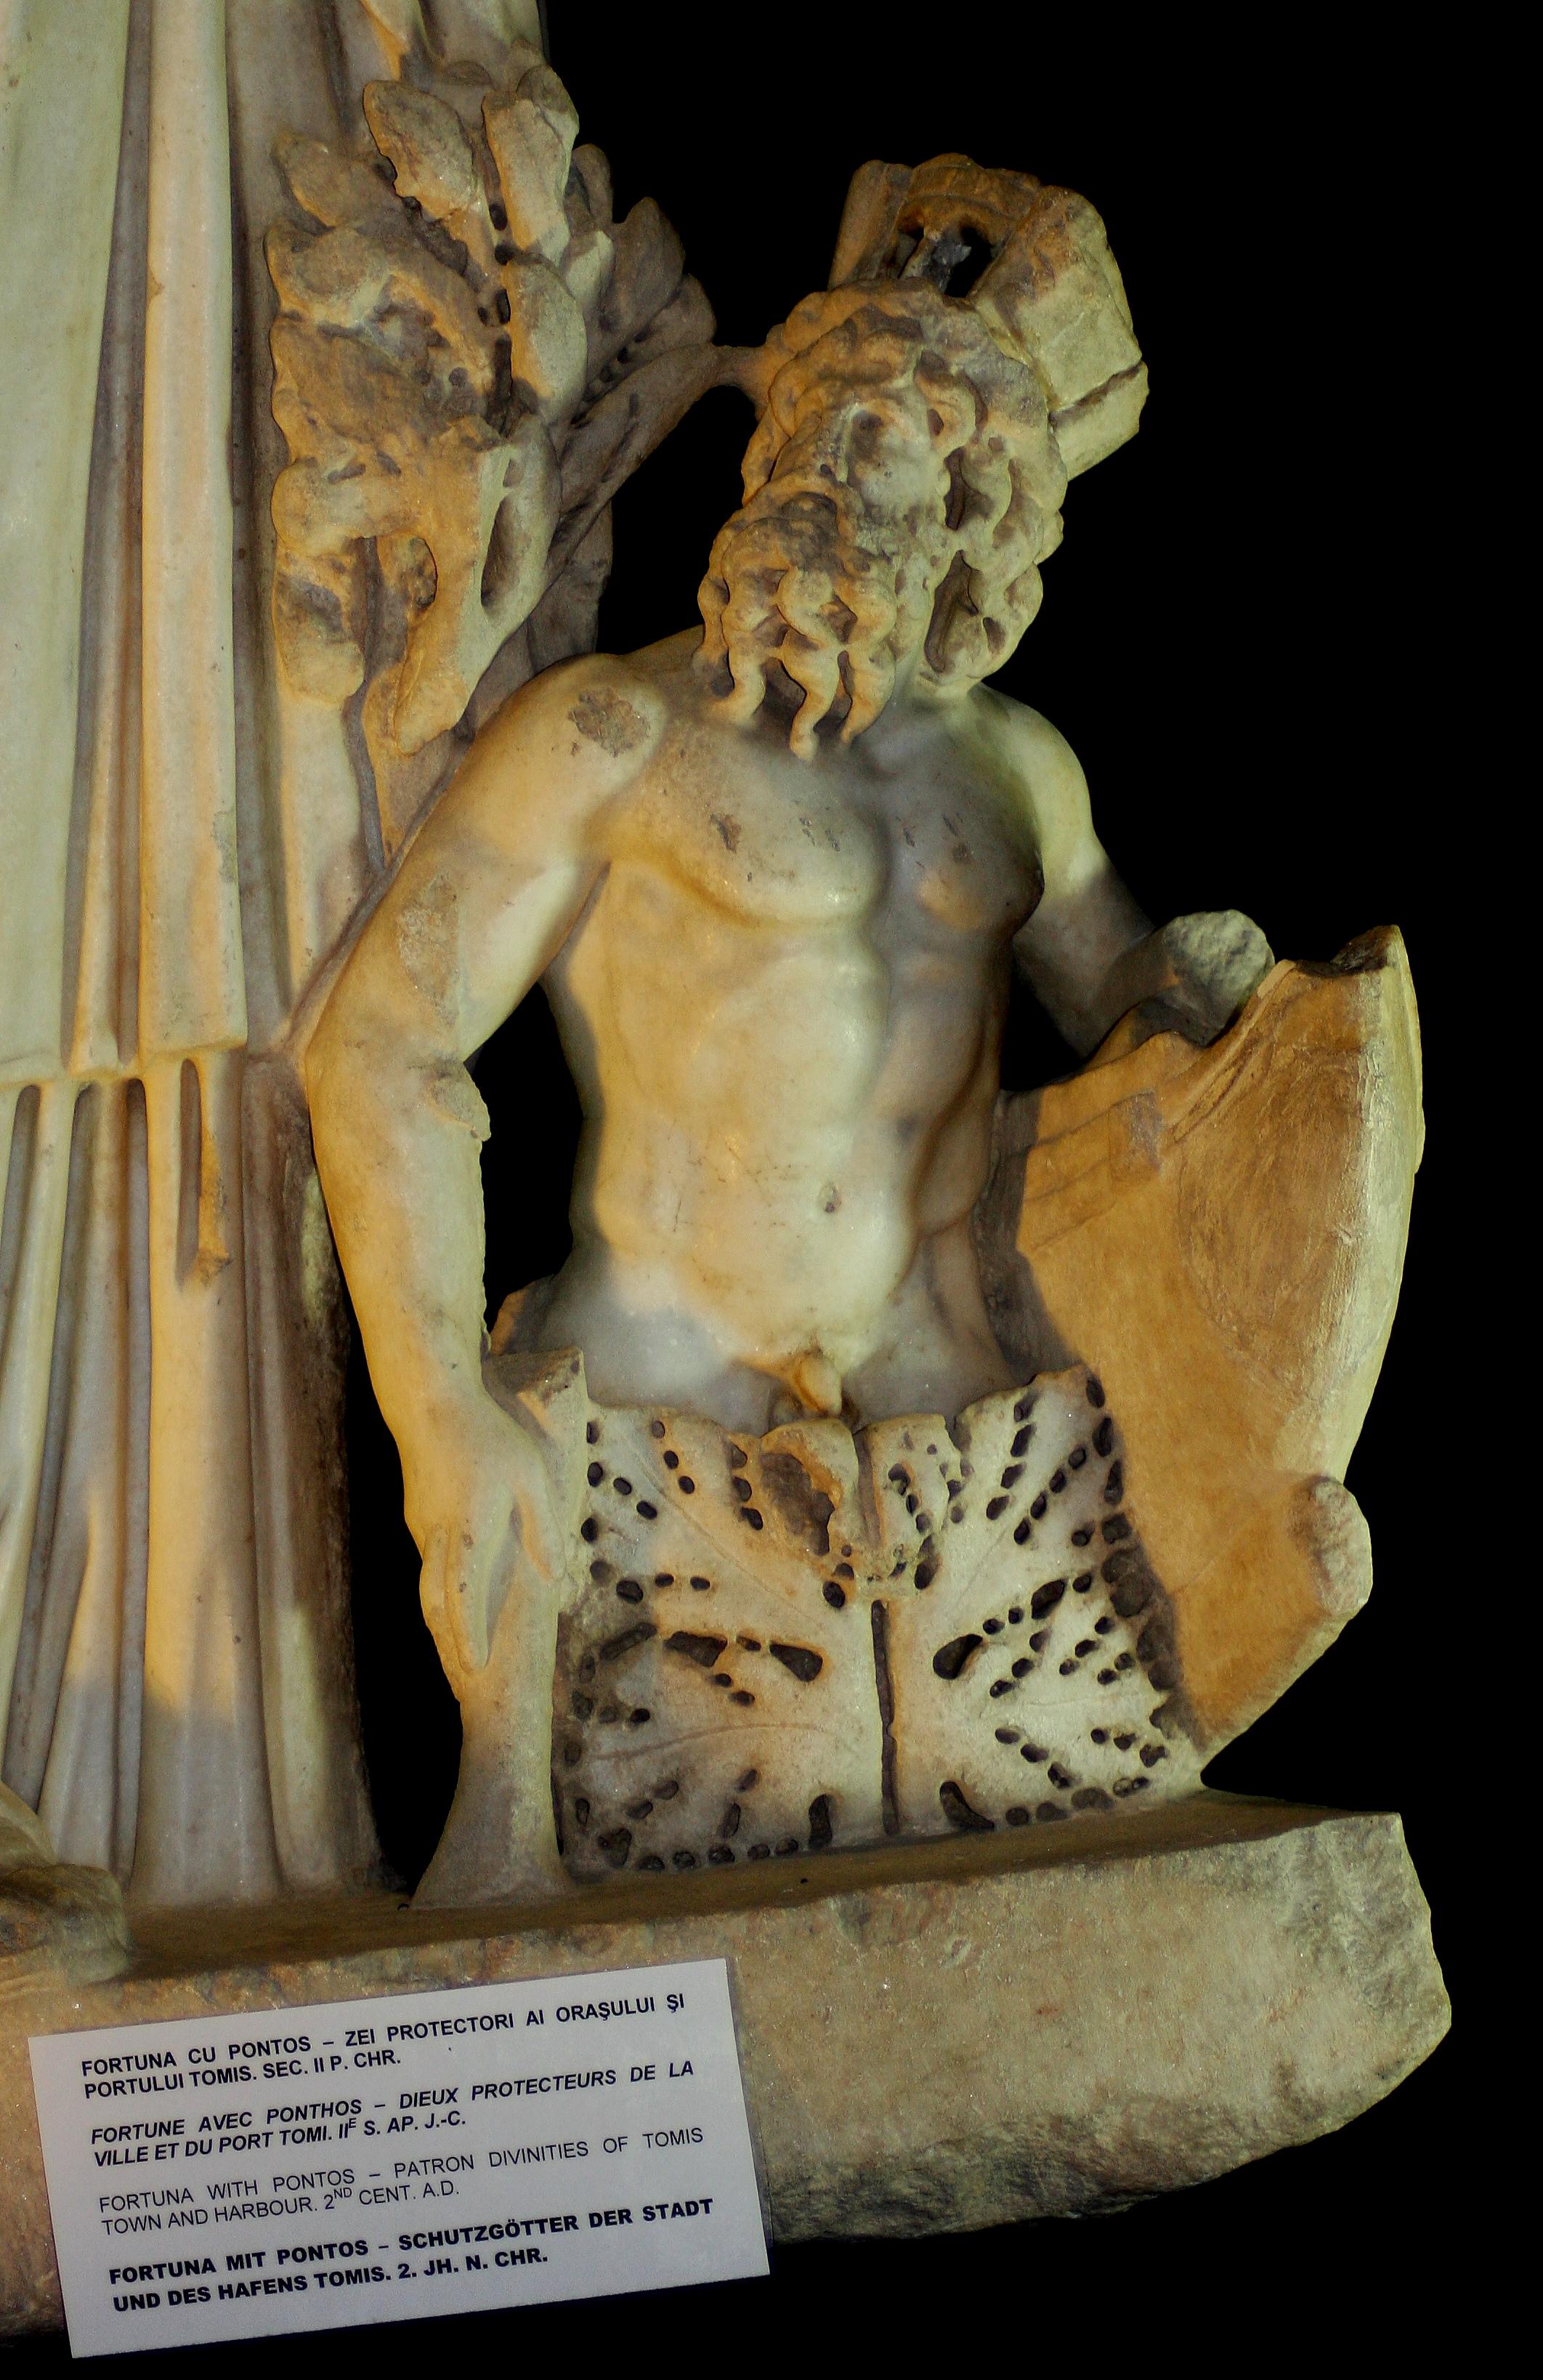 Pontos - généalogie des dieux grecs